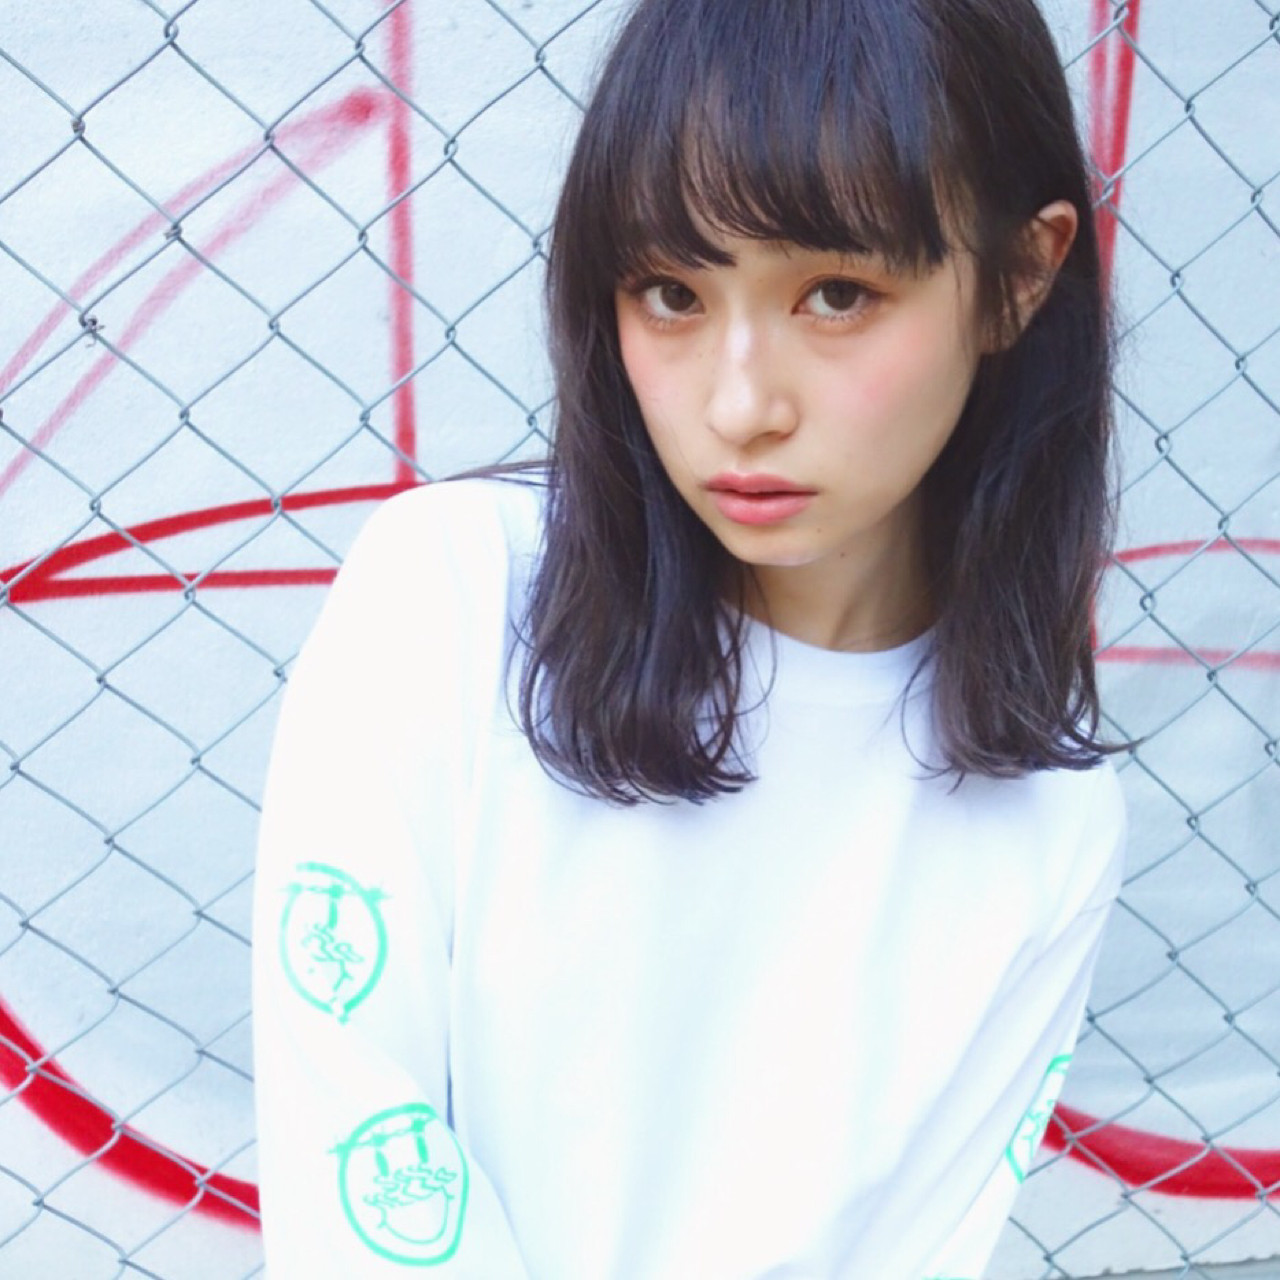 黒髪×ぱっつん前髪で可愛らしく♡ 土谷 庄之介 | a mark